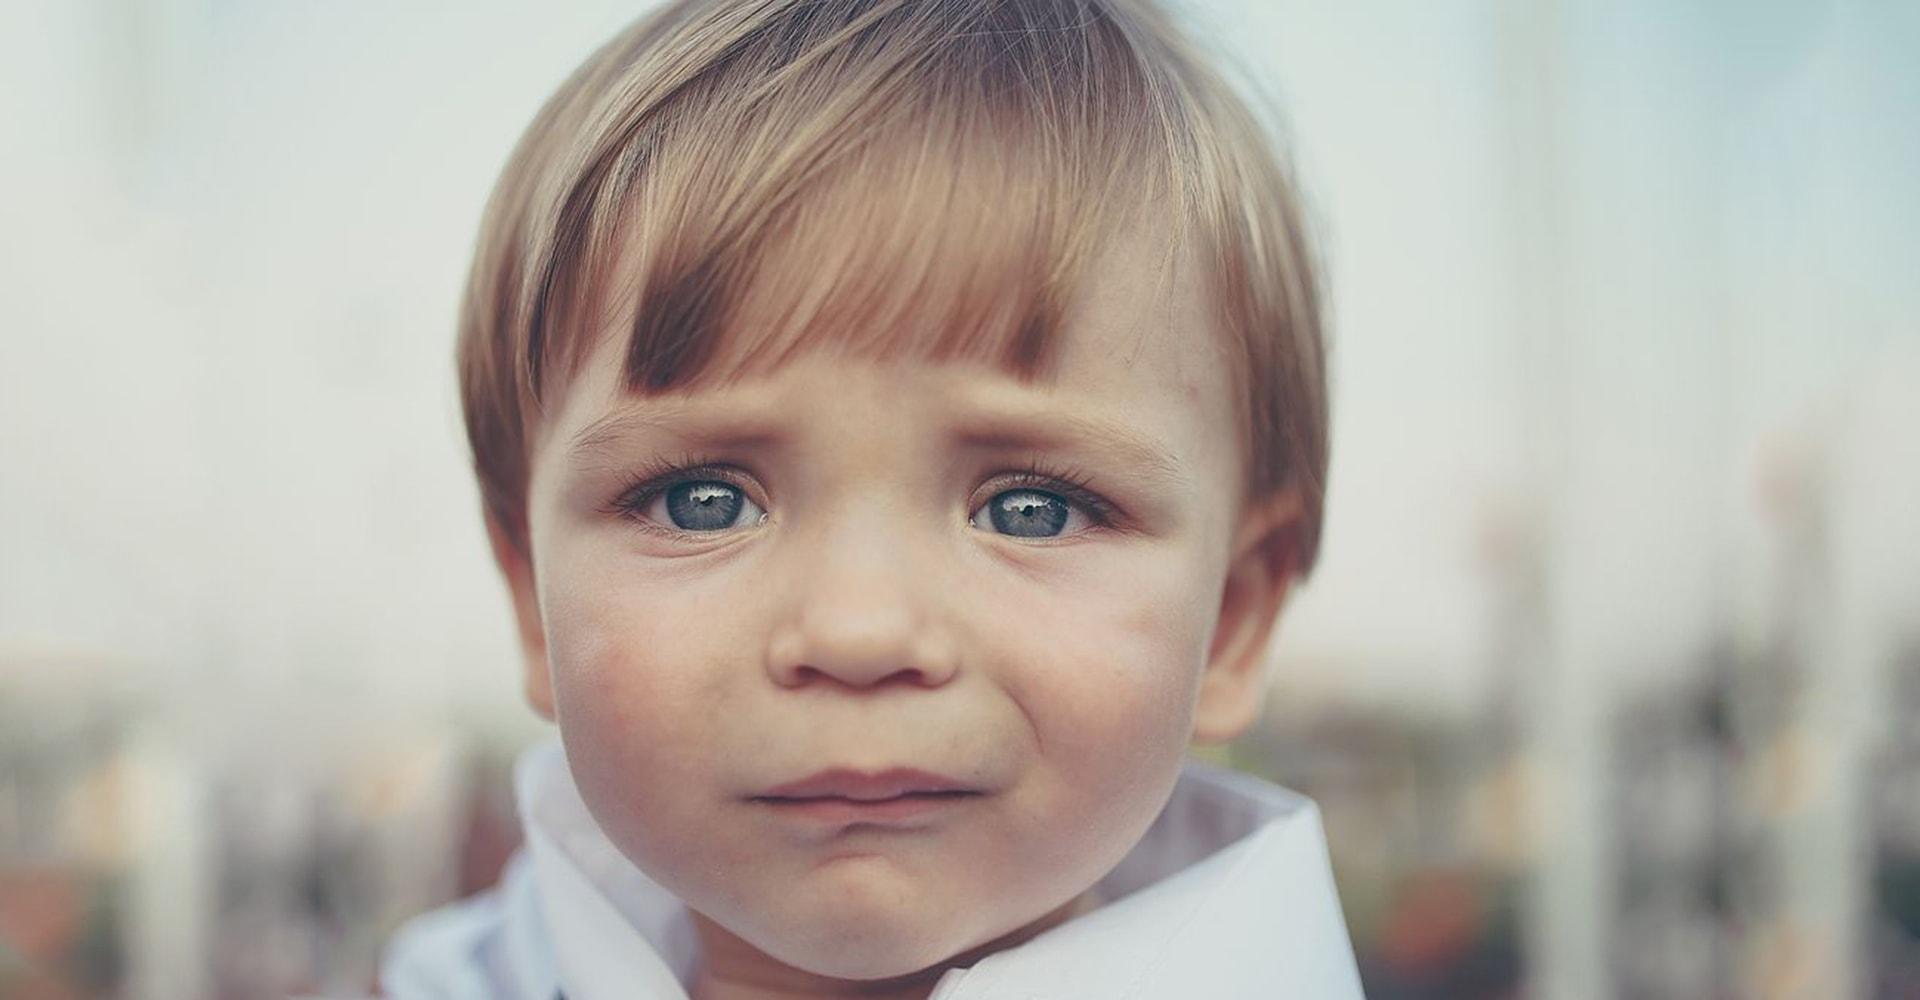 Грустный ребенок фото